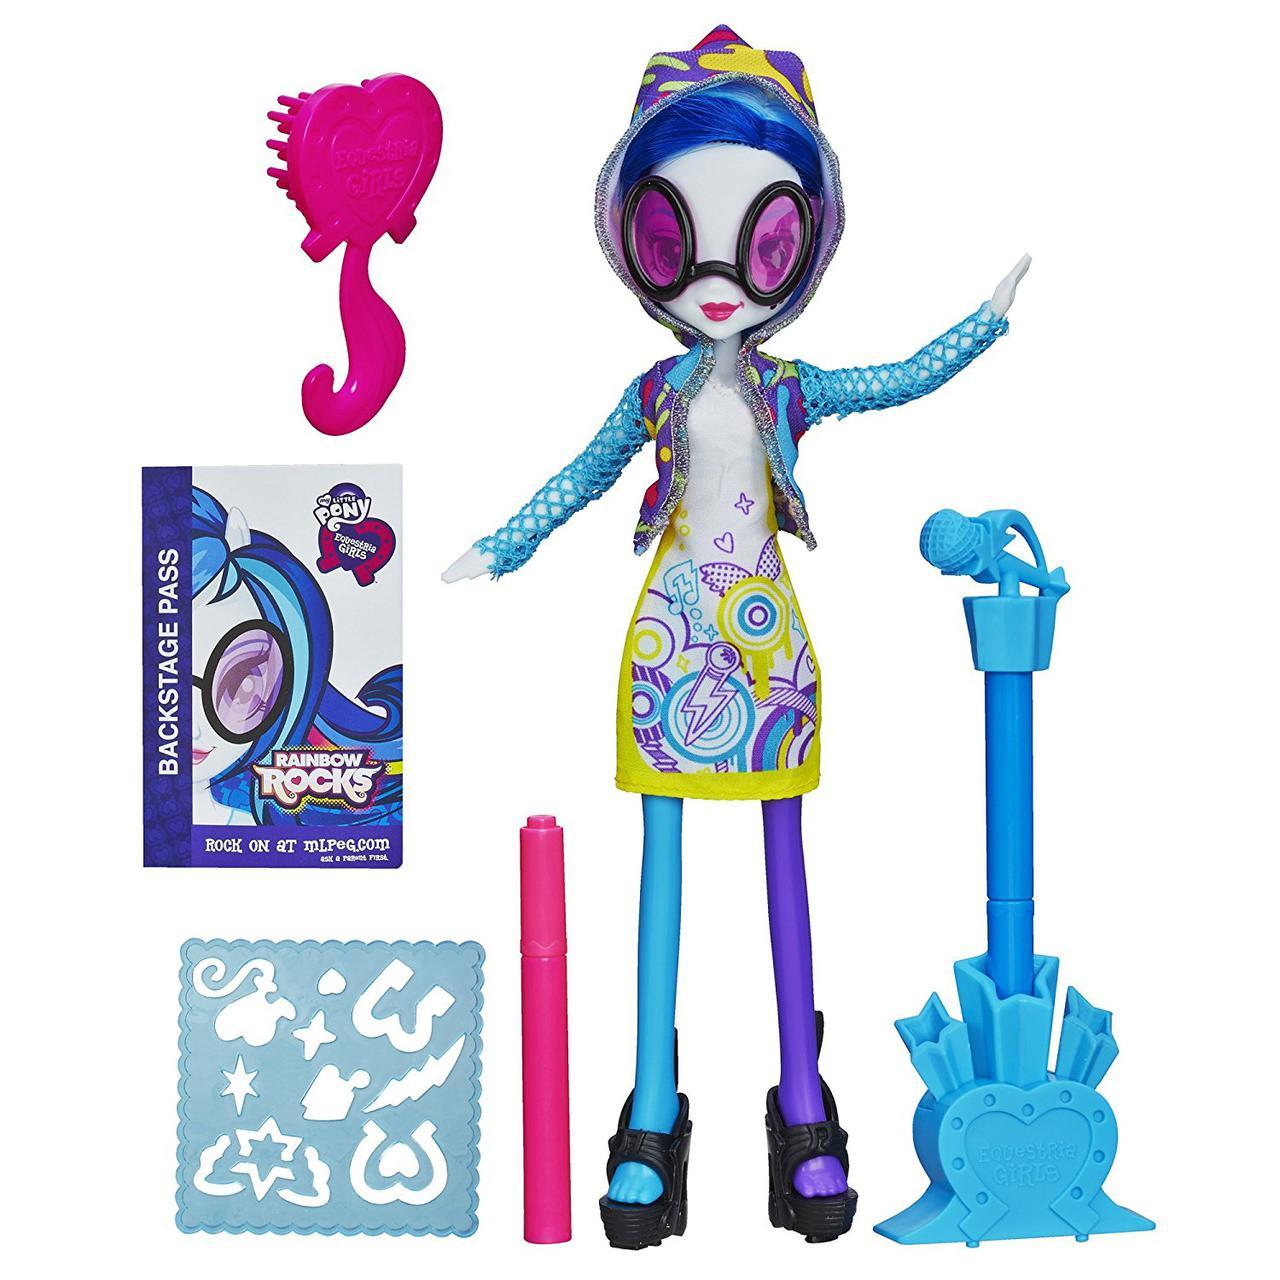 Кукла Диджей Пон 3 (Винил Скретч) Оригинал Девушки Эквестрии Май Литл пони (A8782000)